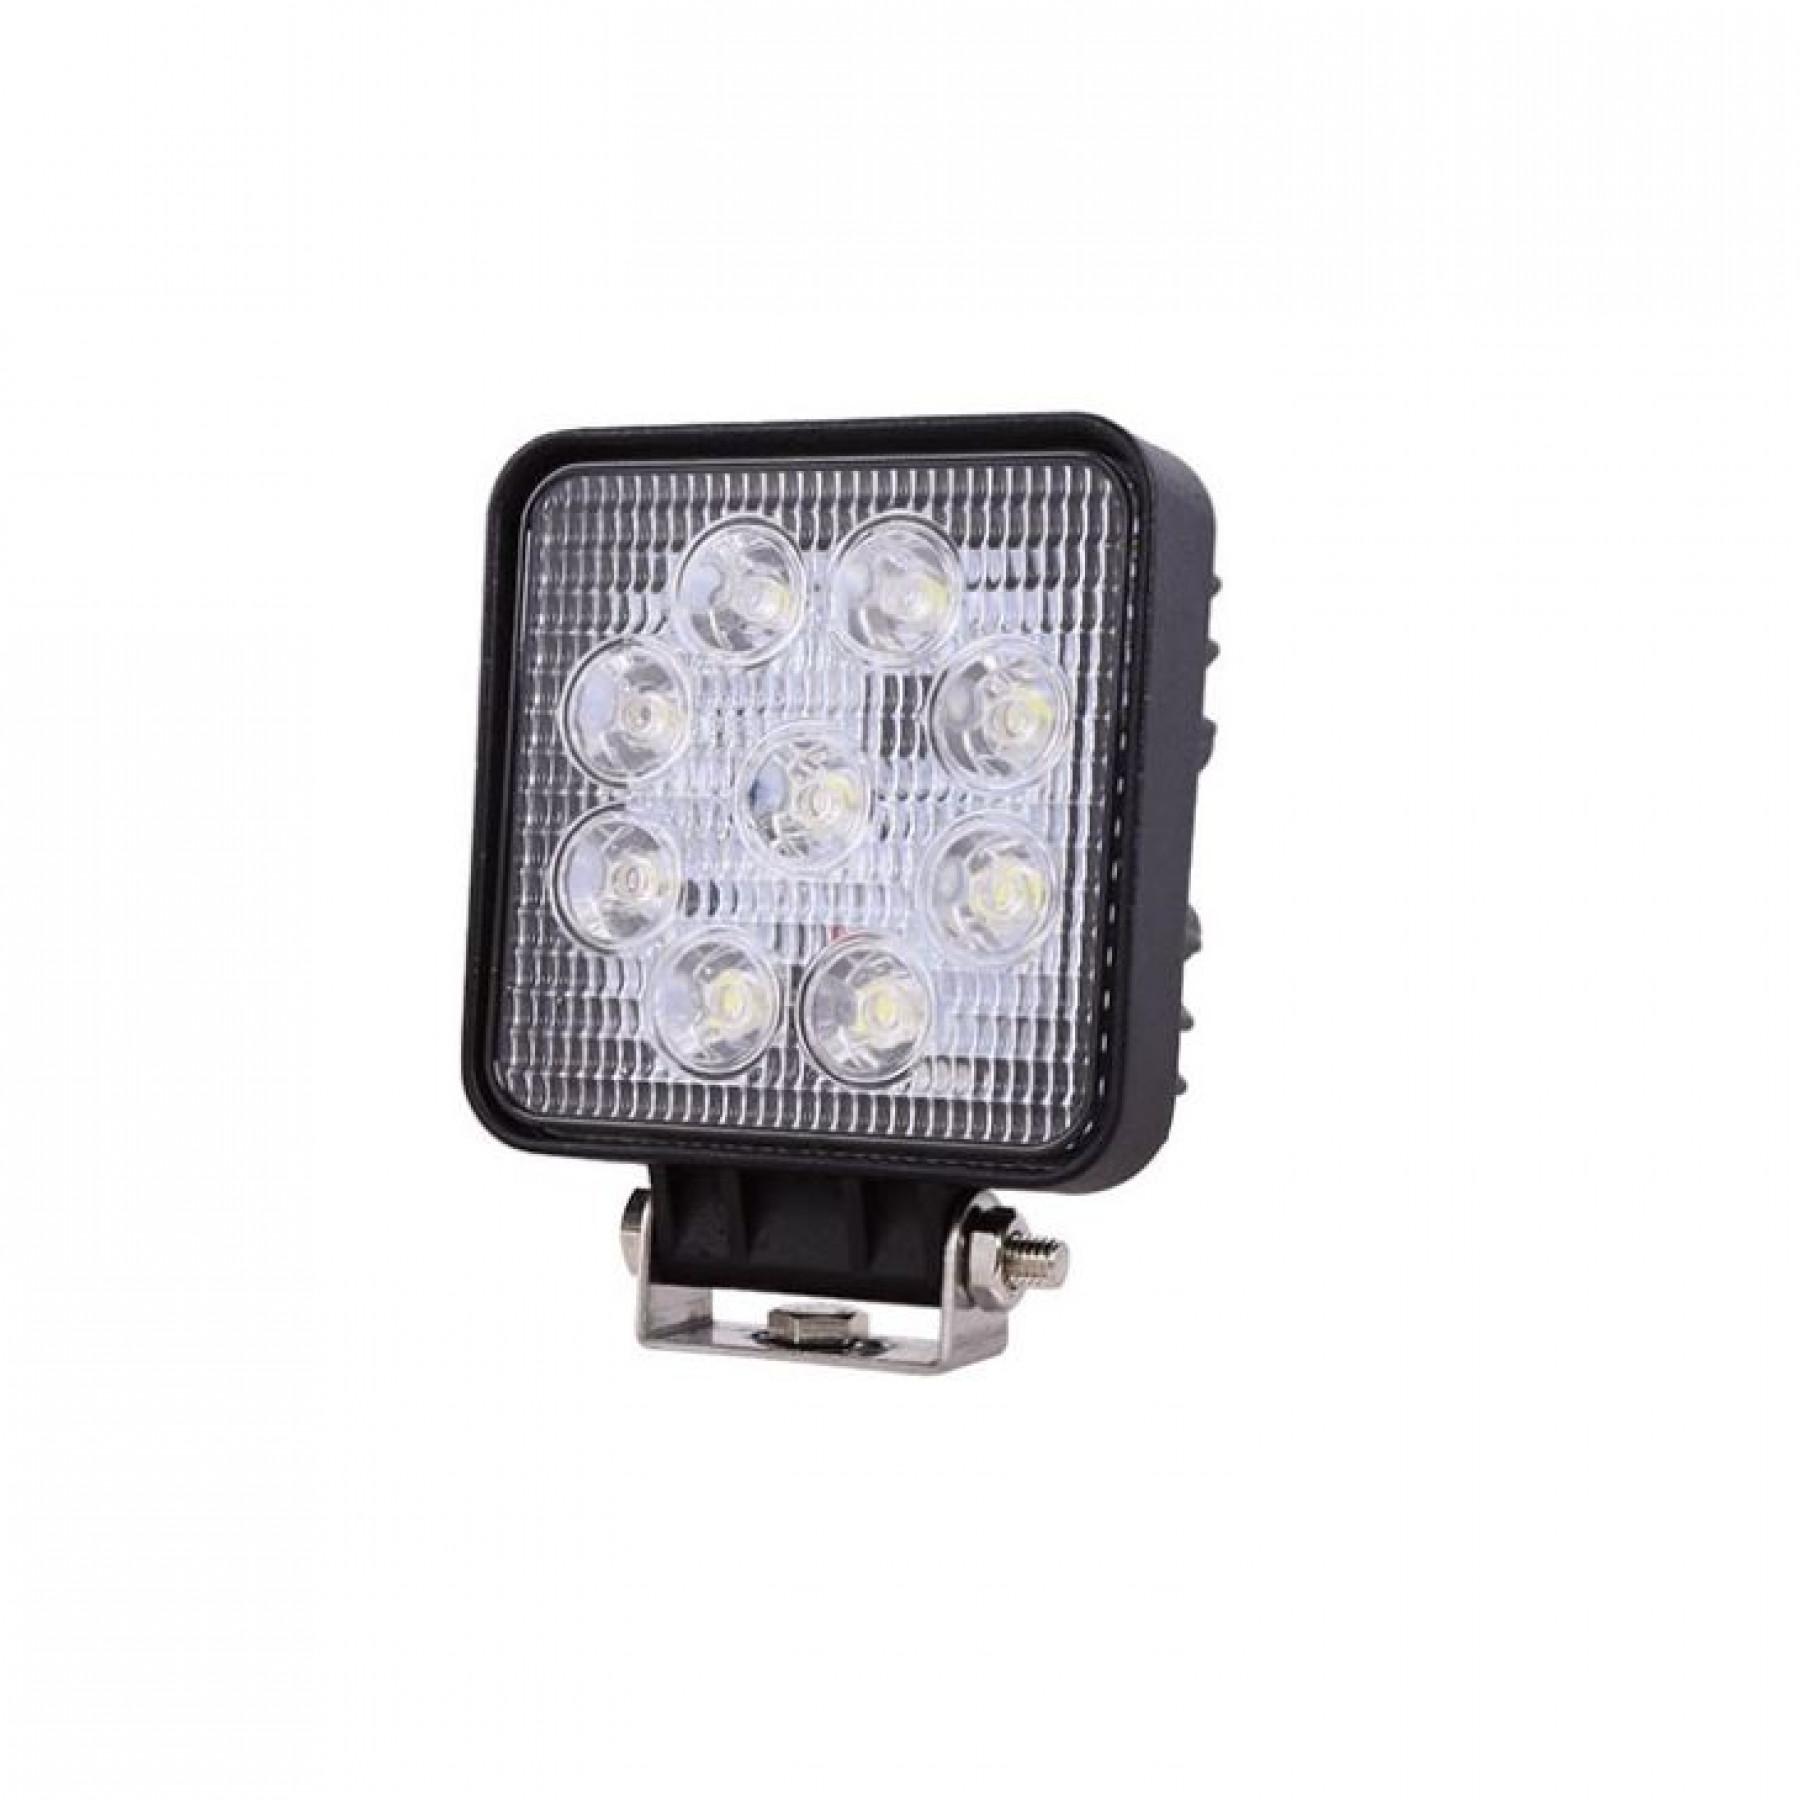 LED werklamp 27W 9 leds